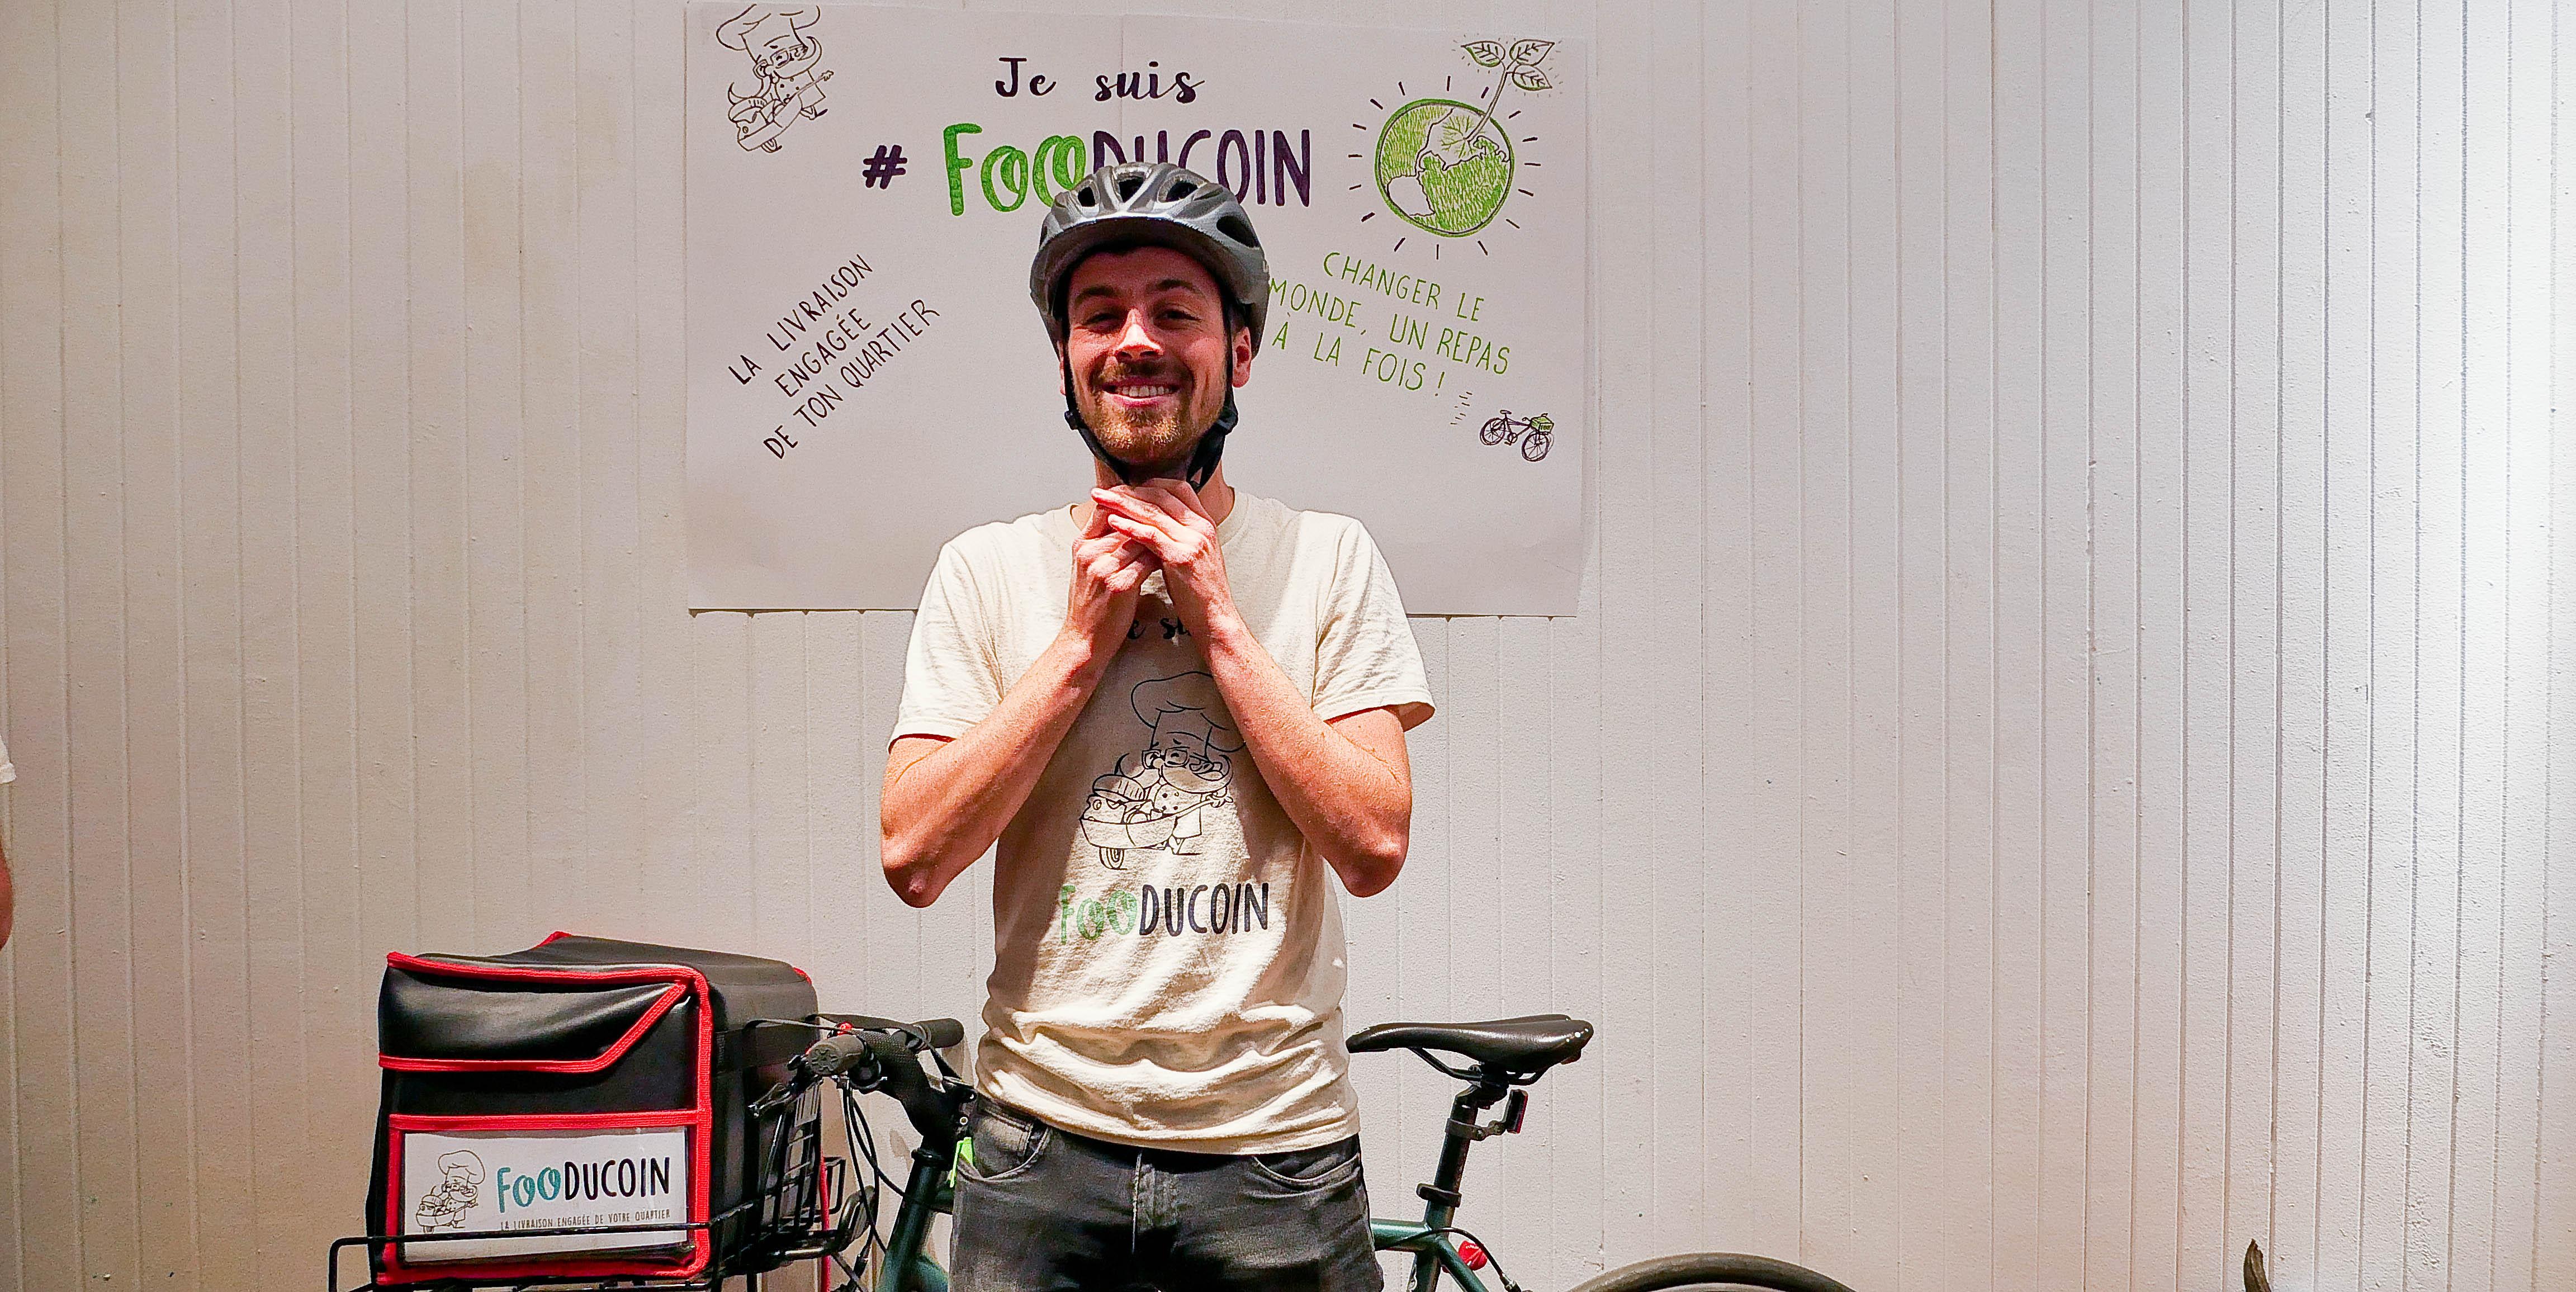 Fooducoin, un service de livraison de repas pour révolutionner l'économie du quartier